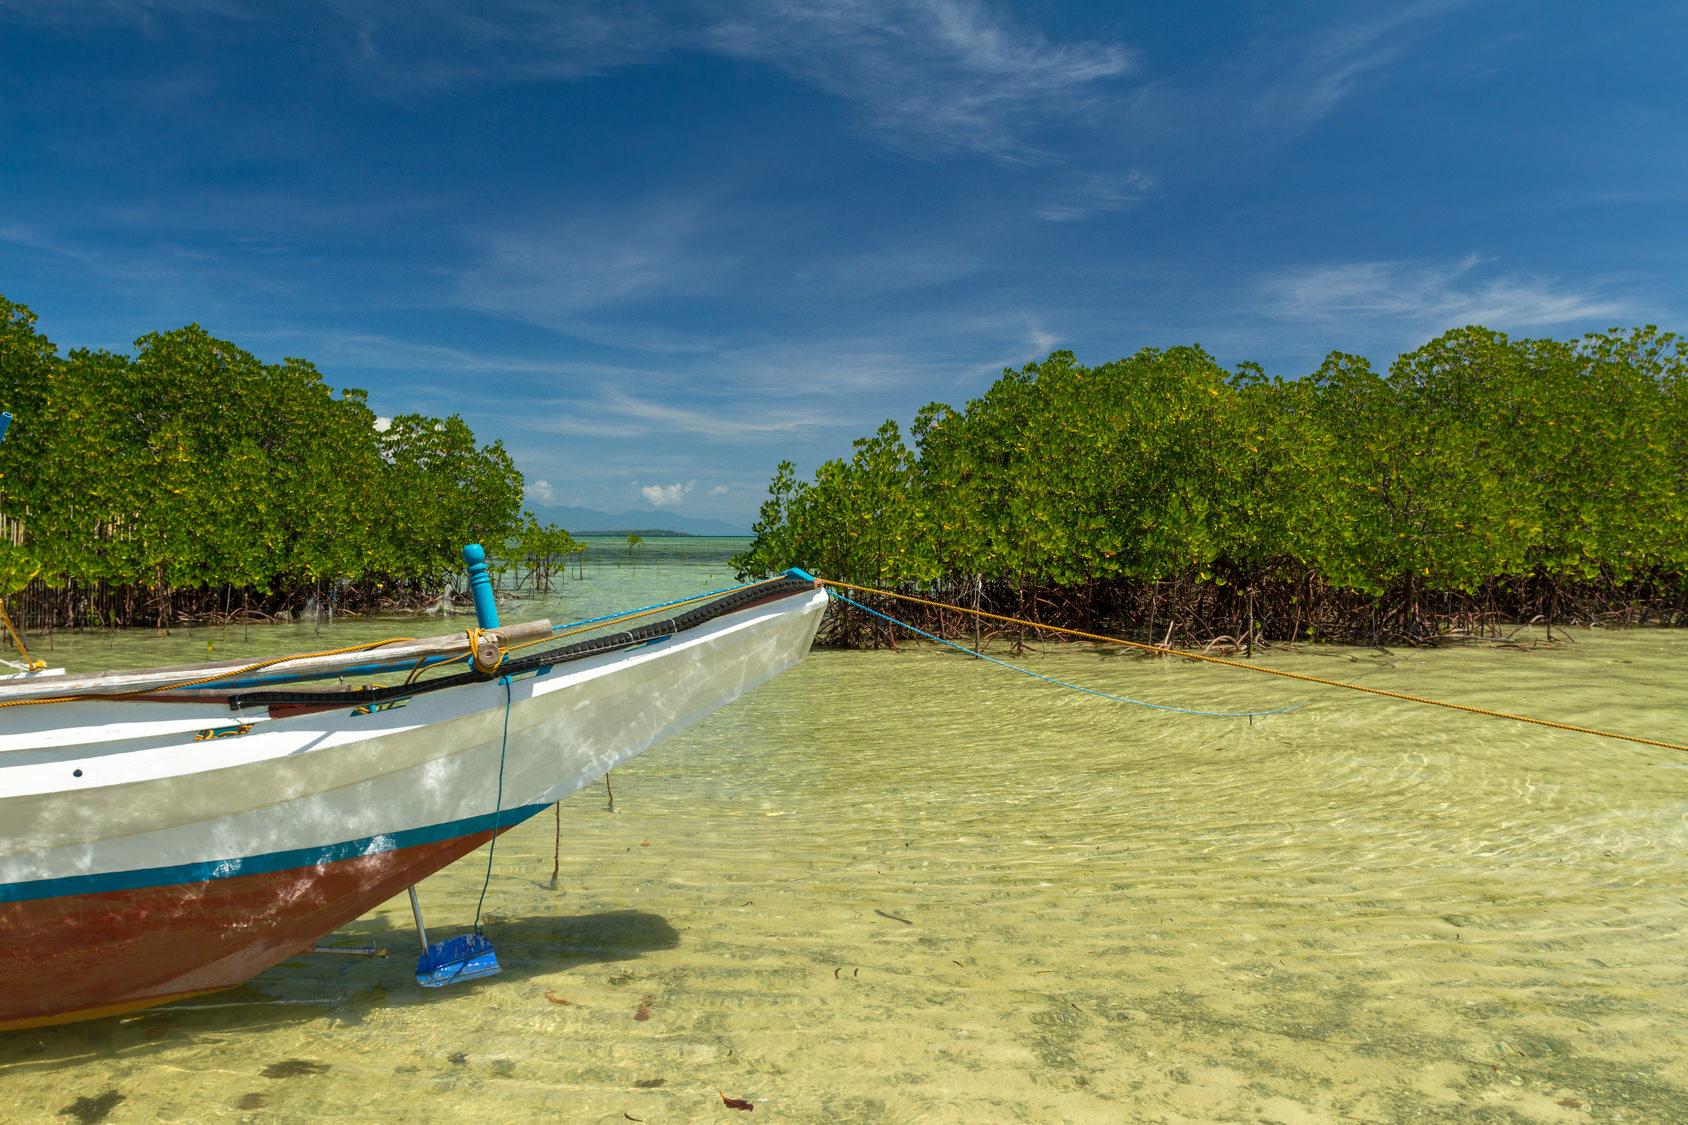 Honda Bay - Palawan, clear water with mangrove trees